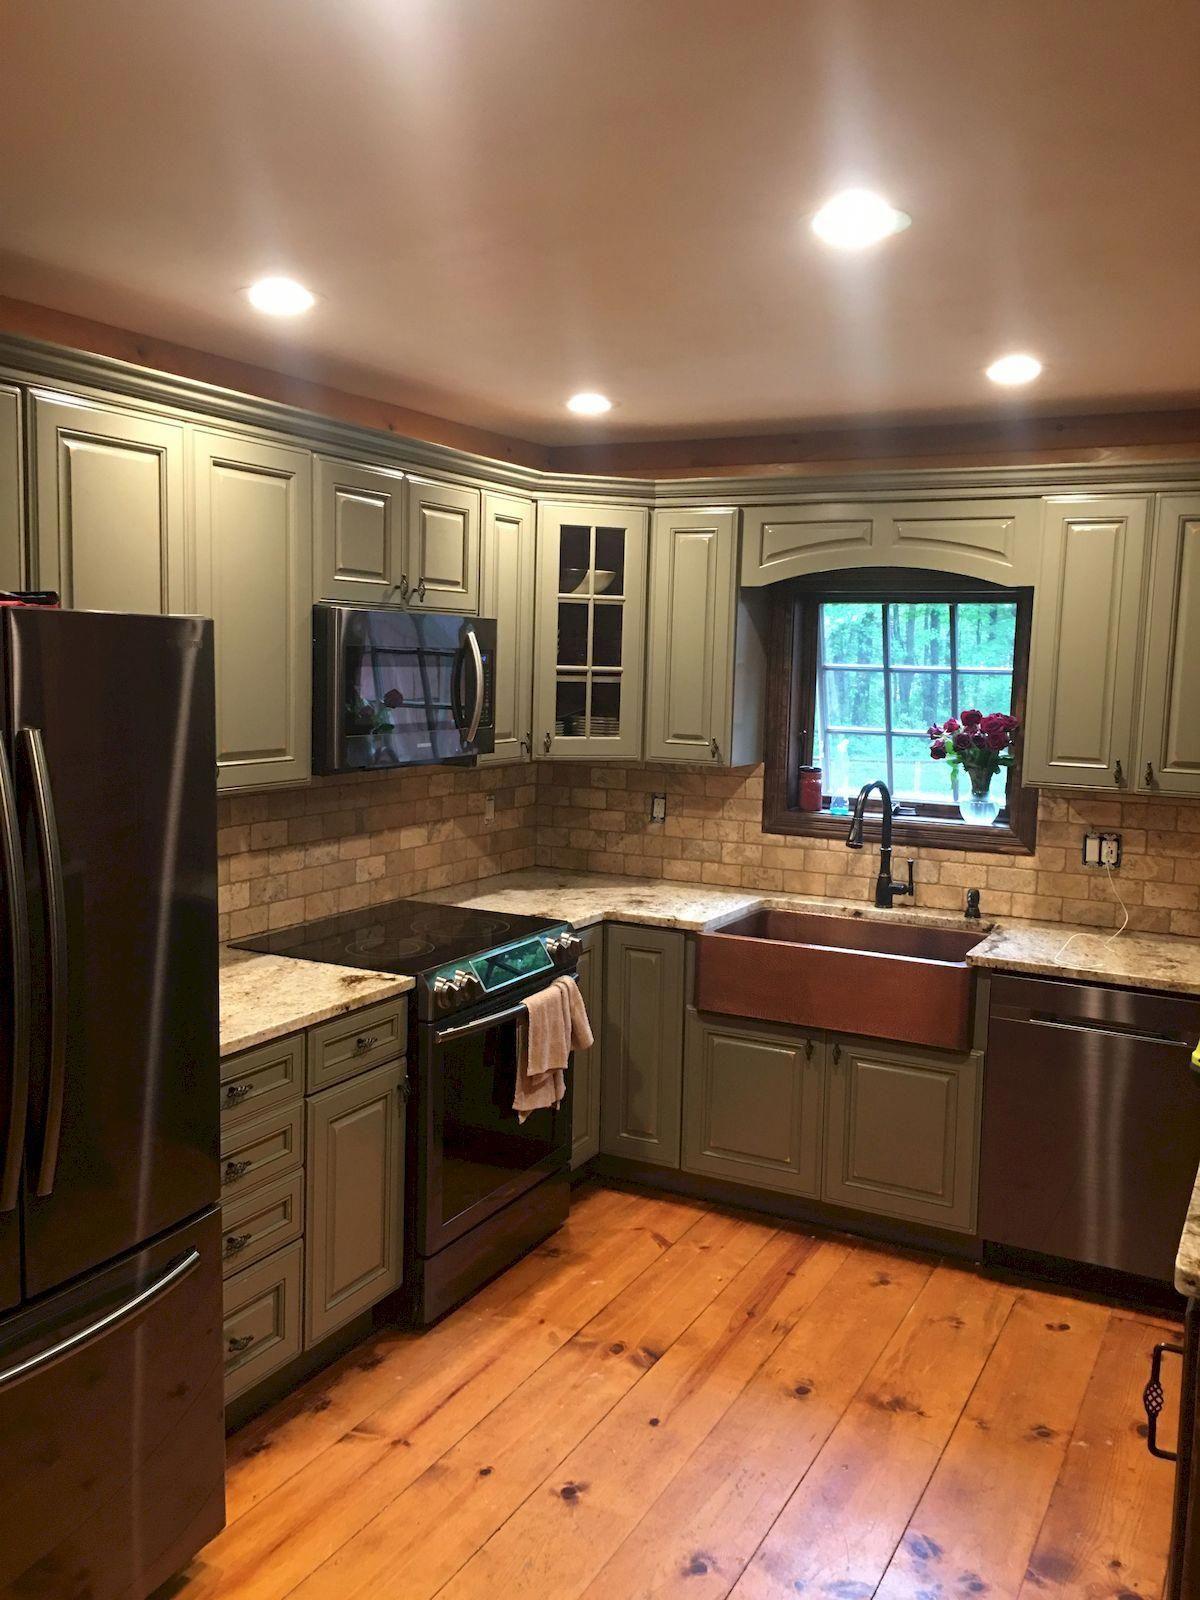 Kitchencabinets Green Kitchen Cabinets Sage Green Kitchen Kraftmaid Cabinets